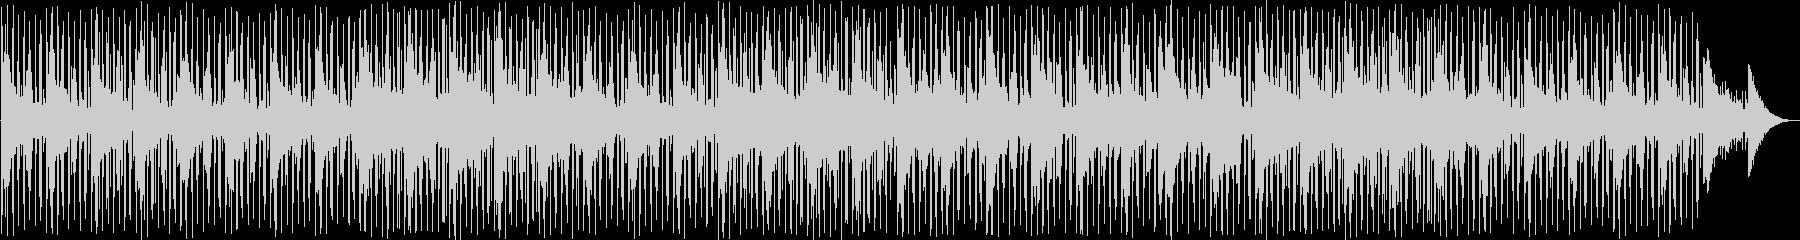 穏やかなアンビエント系ディープハウスの未再生の波形